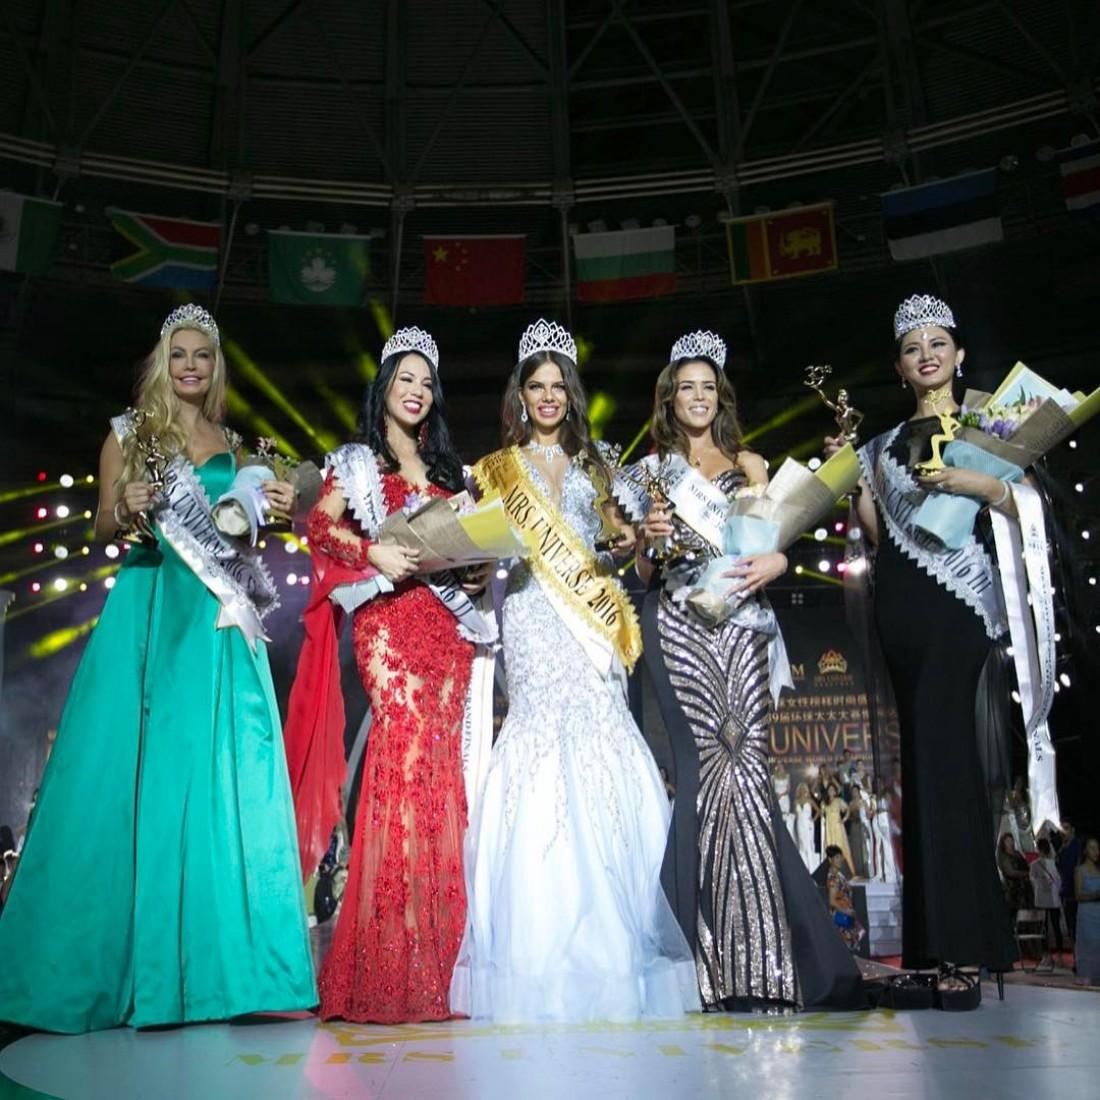 Украинка получила титул самой красивой женщины Австрии